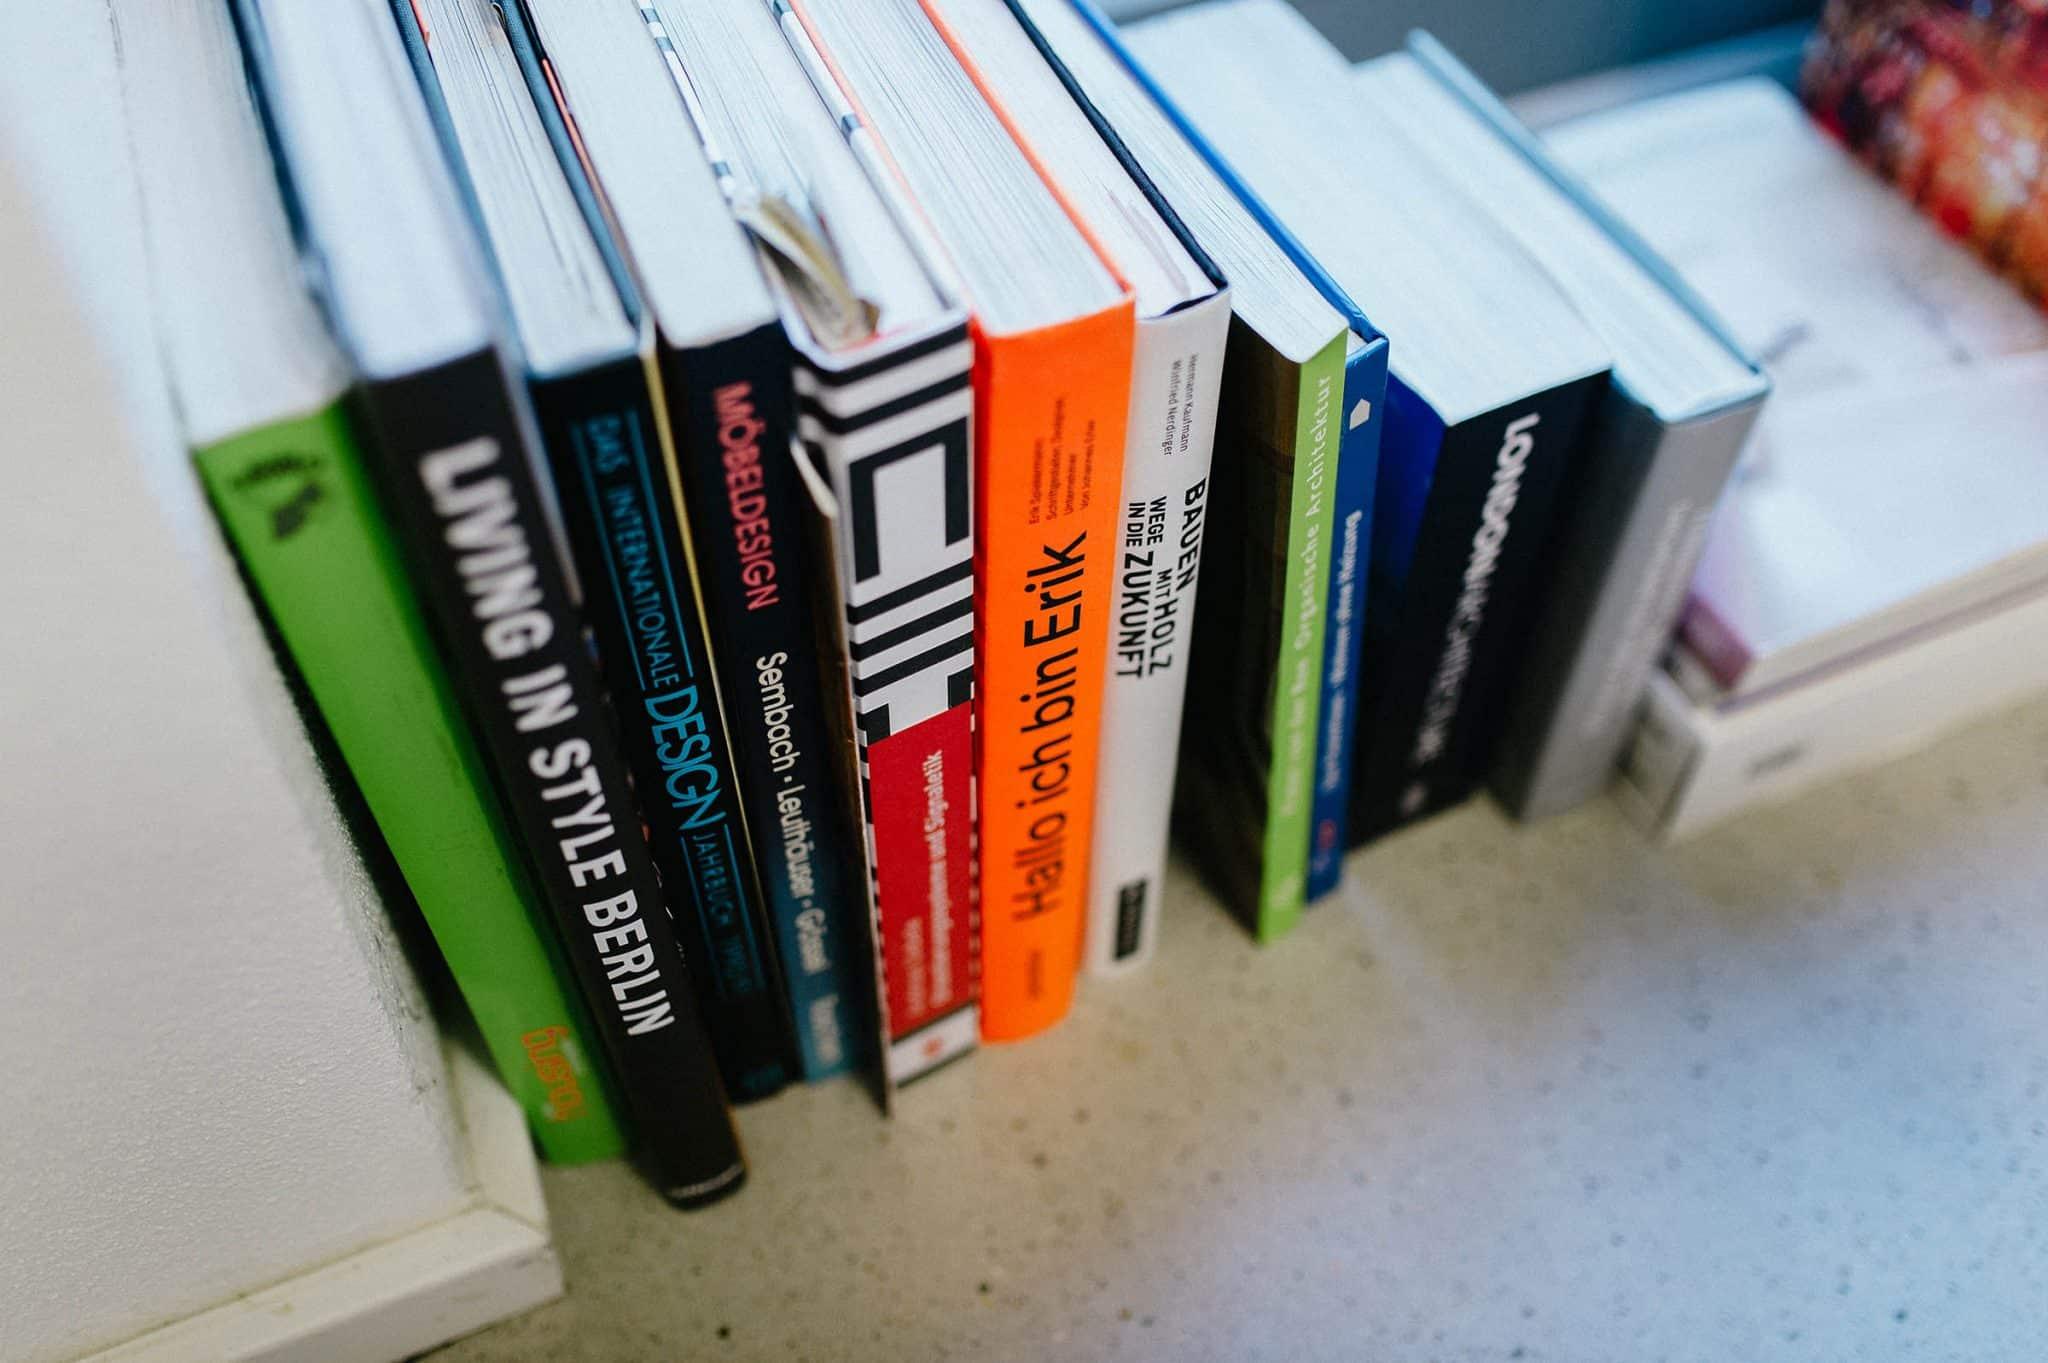 Agentur Heldenstreich Bücher zum Thema Employer Branding und Design stehen am Boden